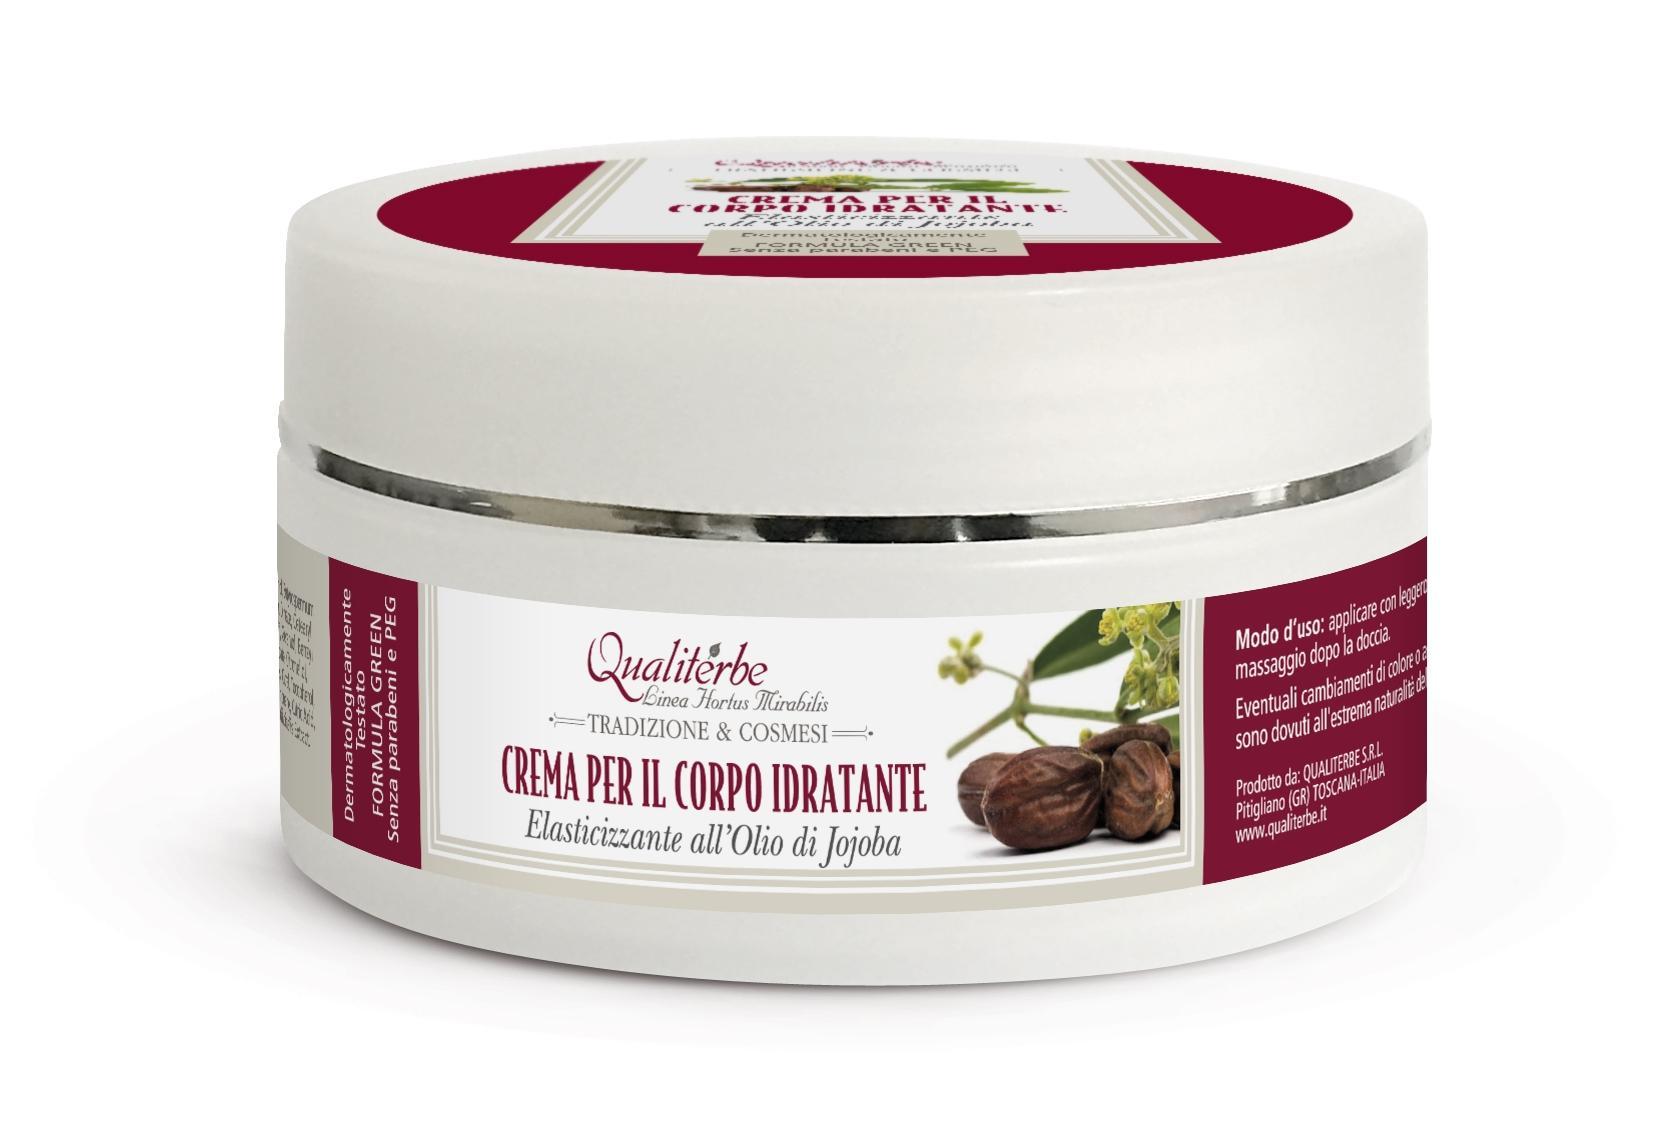 Crema per il corpo idratante all' Olio di Jojoba 6%